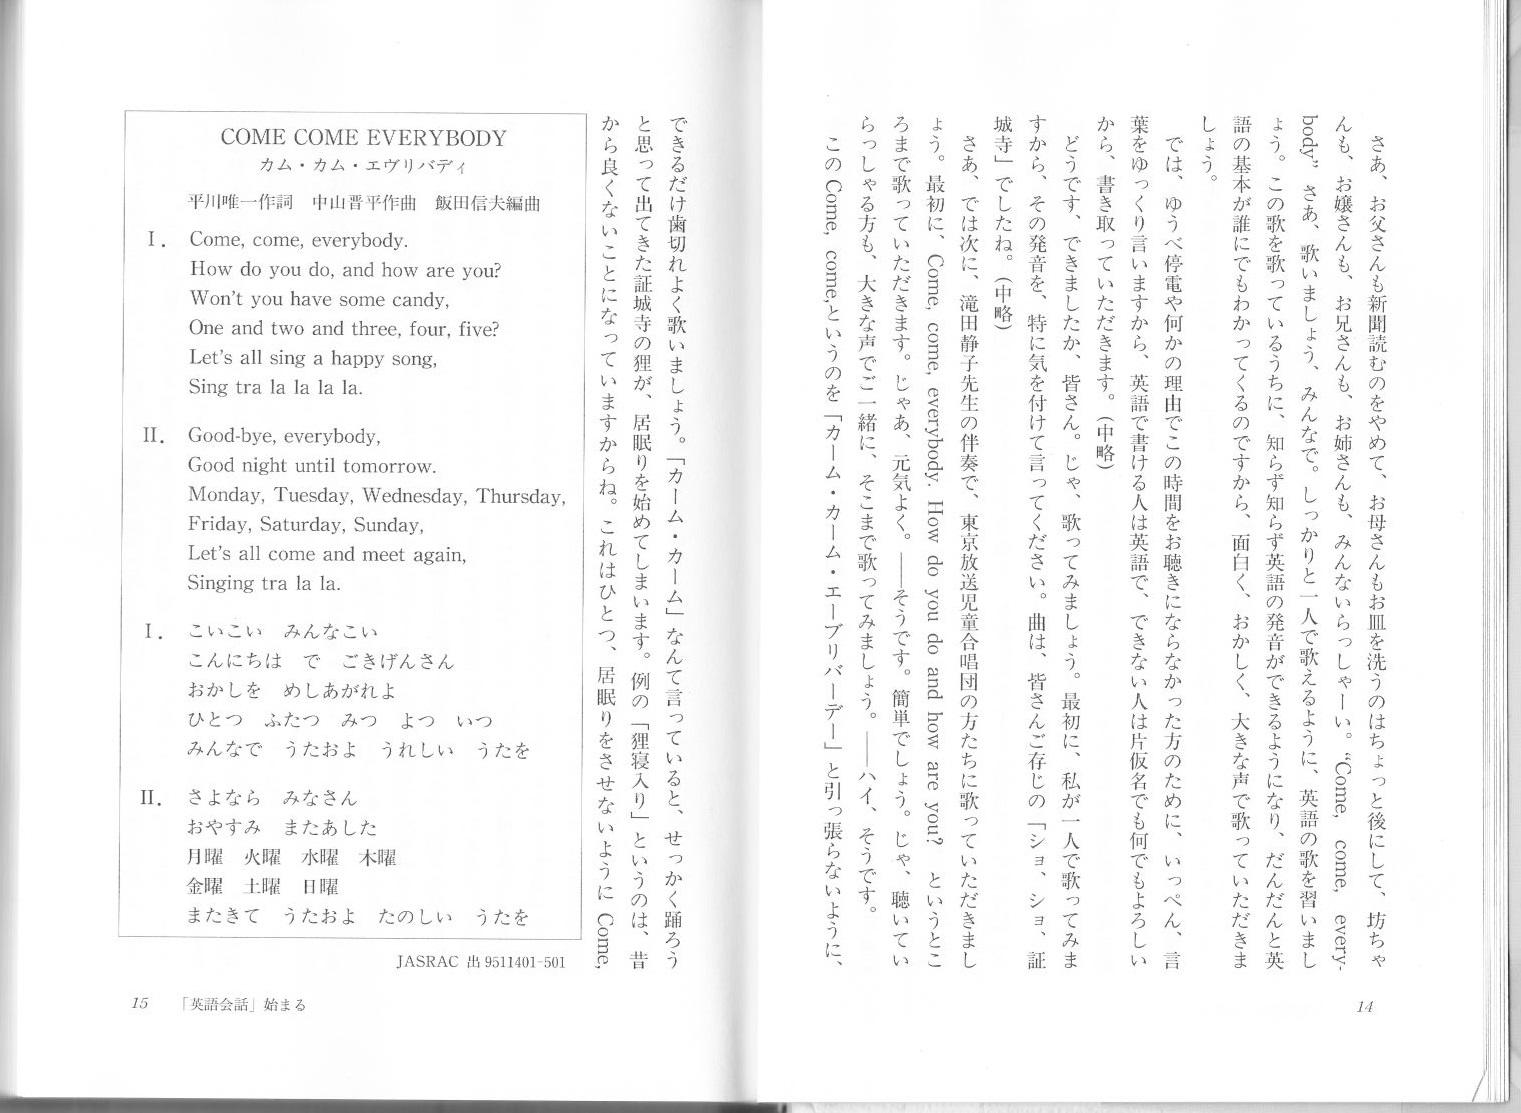 「カムカム英語」の本とNHKアーカイブス (15年4月7日)_c0059093_13164261.jpg